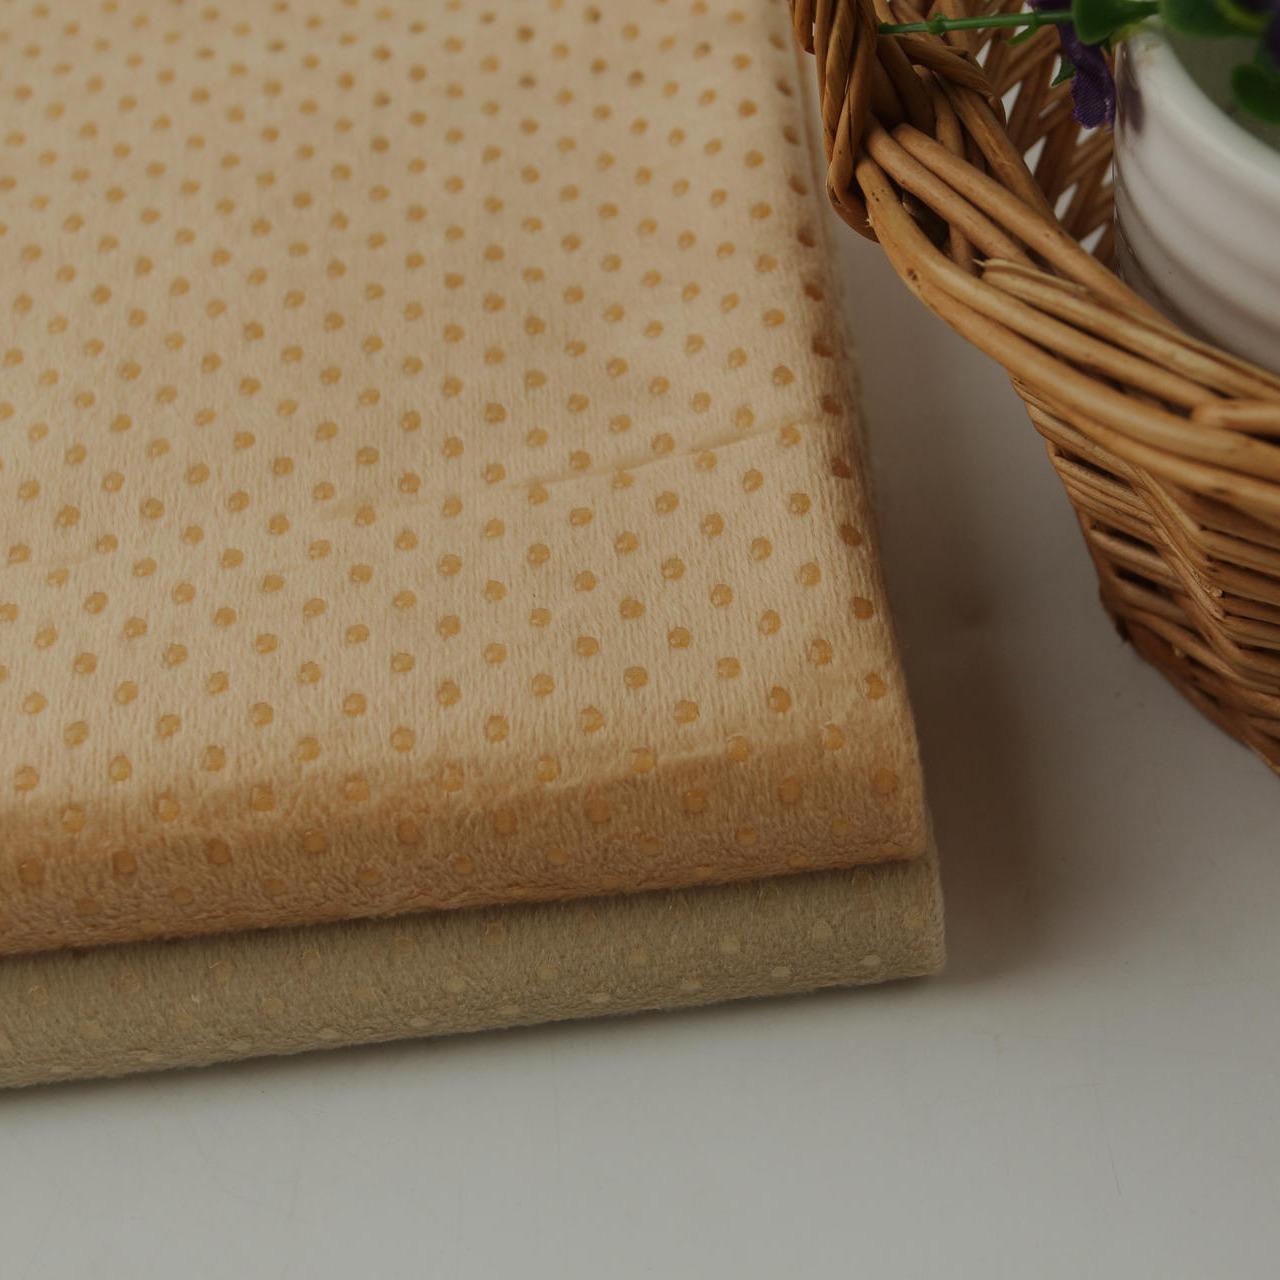 自产自销各种规格短毛绒硅胶防滑布 沙发婴儿鞋垫滴塑止滑面料